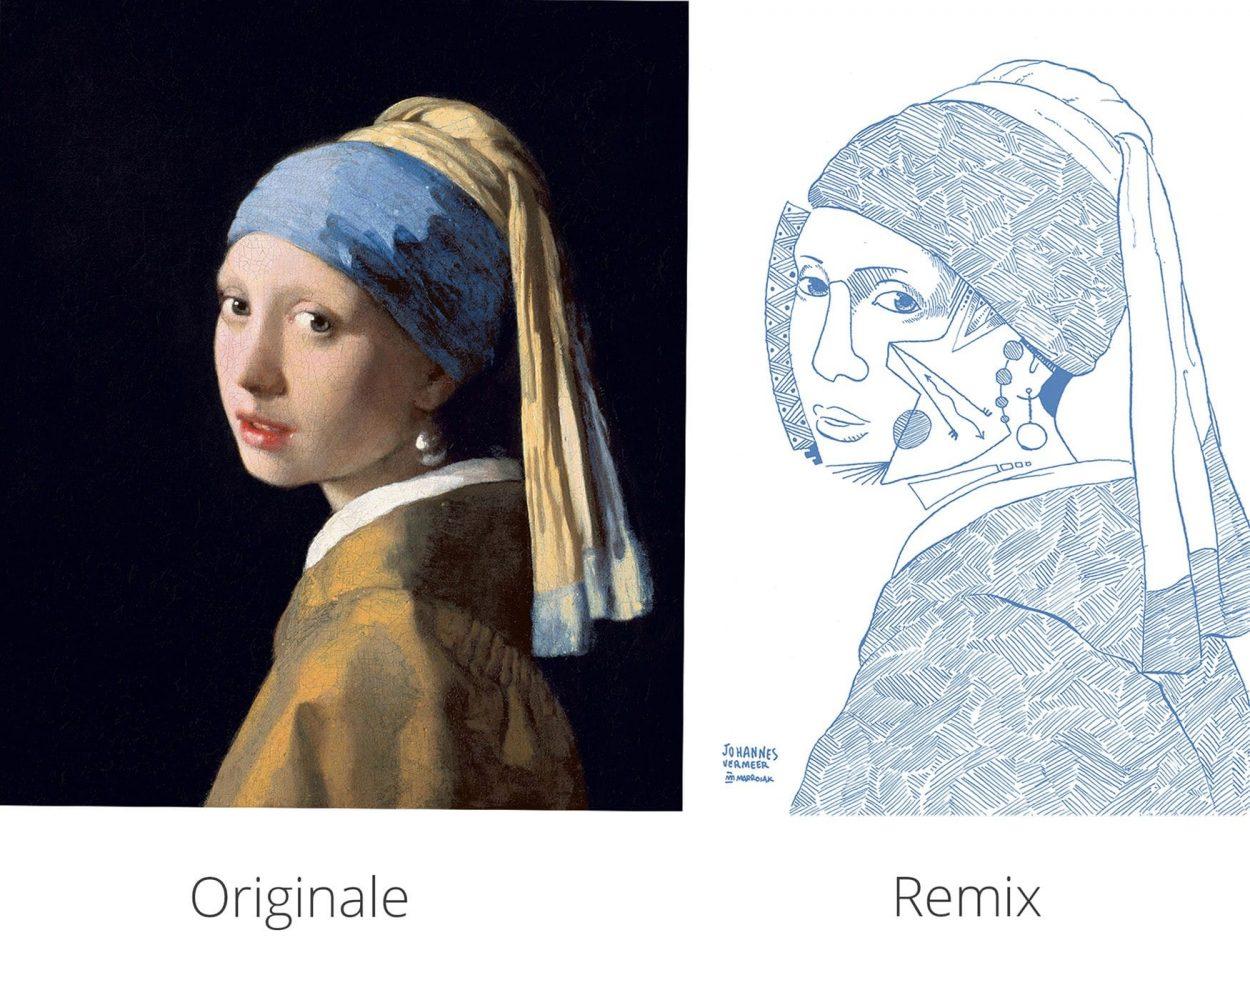 Comparación original y remix dibujos de la joven de la perla de Johannes Vermeer